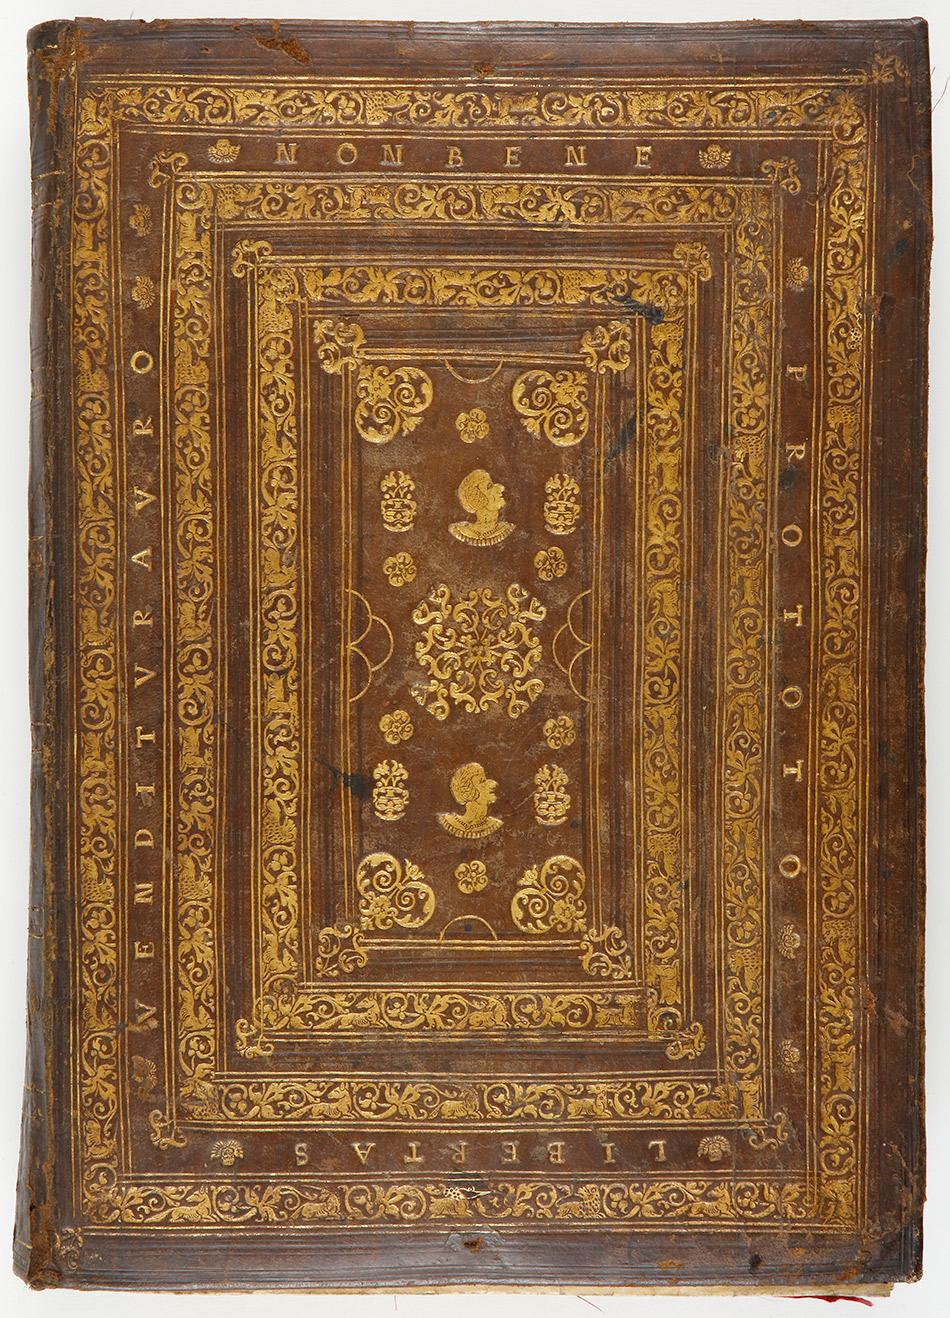 museo-lazaro-galdeano_encuadernacion-renacentista-contine-carta-ejecutoria-de-francisco-vela-de-los-cobos_w